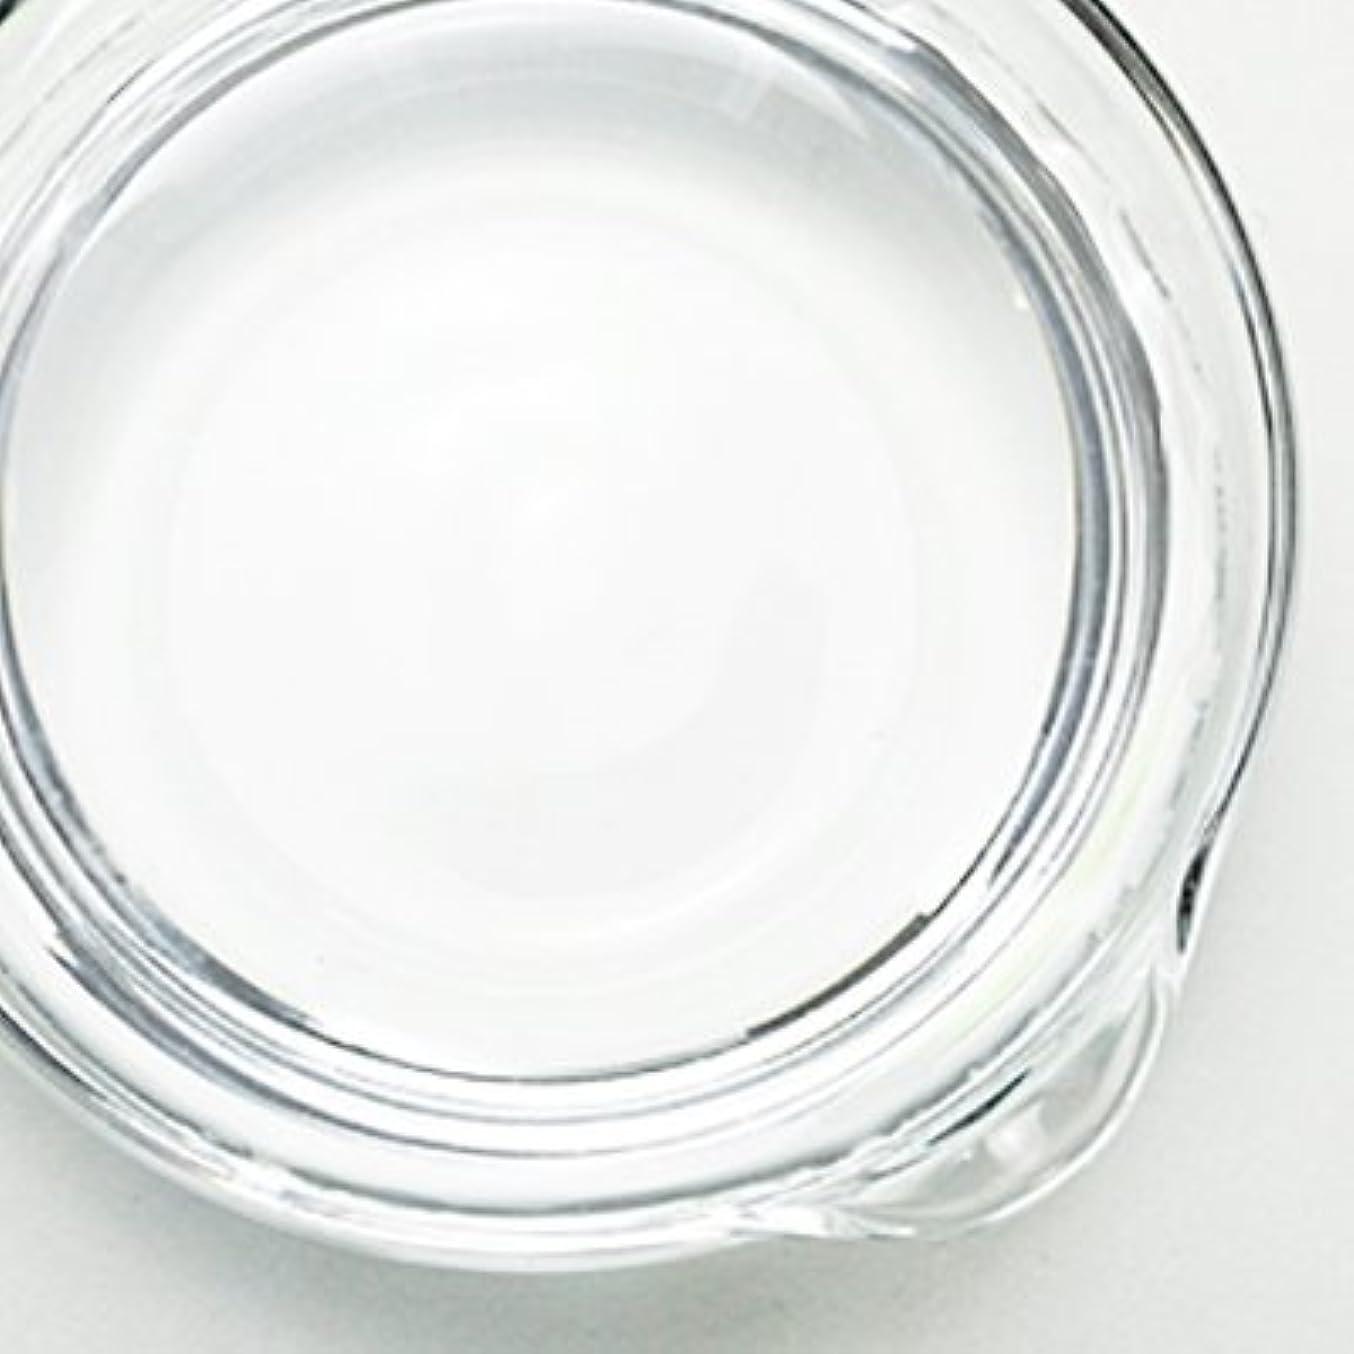 狐人形グローバル1,3-ブチレングリコール[BG] 500ml 【手作り石鹸/手作りコスメ】